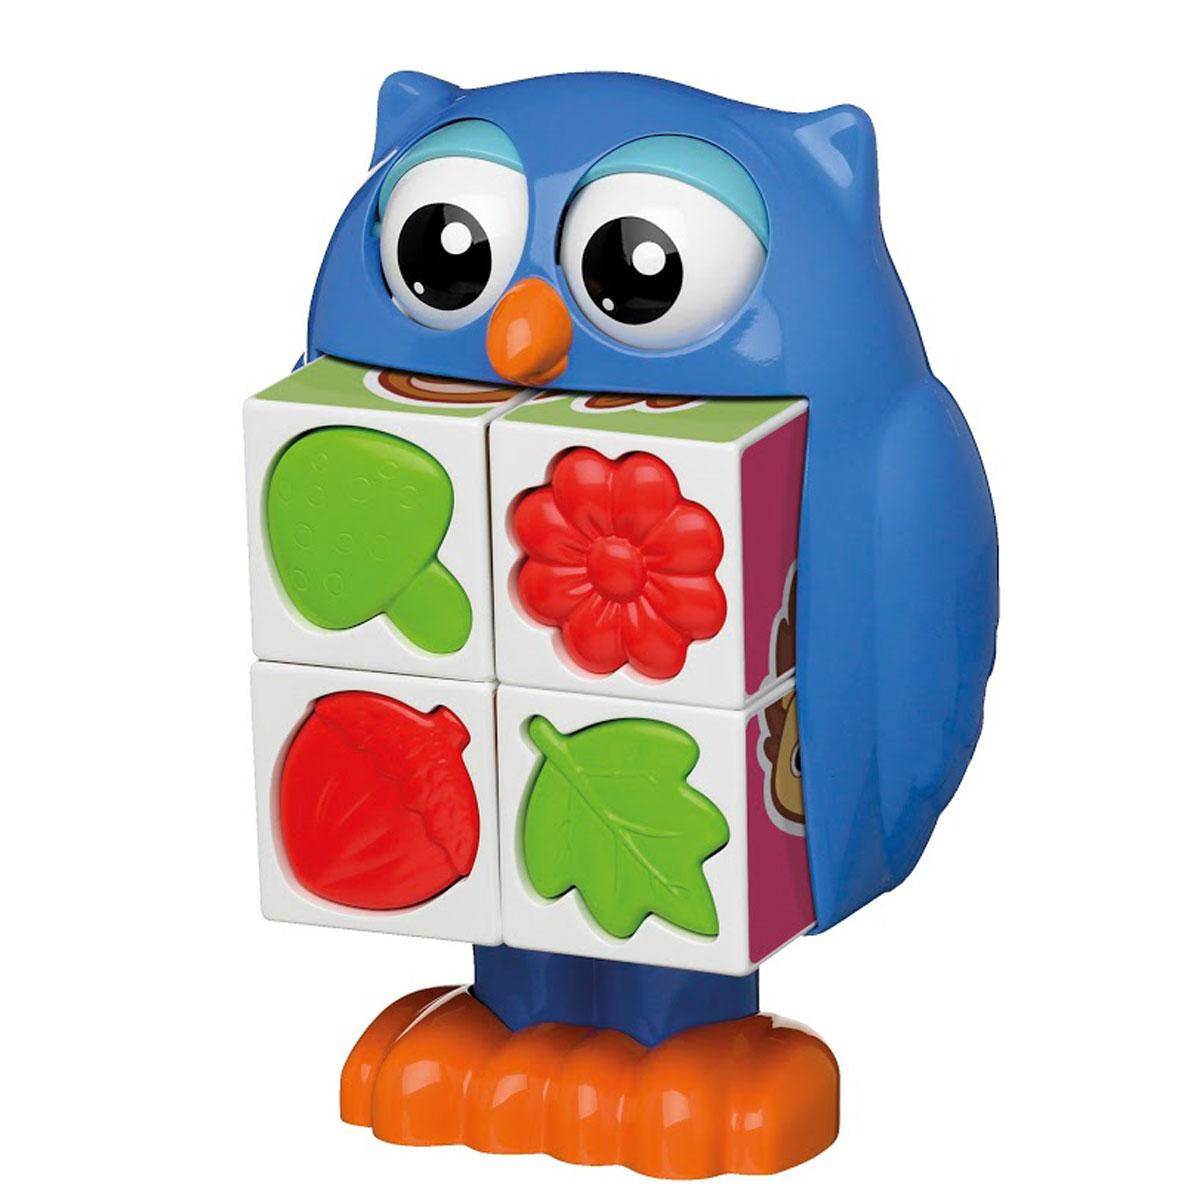 Tomy Развивающая игрушка Кубики-загадки от профессора СовыE72100RUРазвивающая игрушка Кубики-загадки от профессора Совы обязательно понравится малышам. Чтобы начать игру, кроха должен нажать на голову совы и из ее животика выпадут четыре кубика. Из кубиков ребенок сможет собрать простые картинки. Кроме того, на одной из сторон каждого кубика малыш найдет формочку в виде цветка, листочка, желудя или гриба, с ней можно играть отдельно, например, брать с собой в песочницу. Игрушка выполнена из высококачественного пластика, не имеет острых углов и мелких деталей, безопасна для детей. Игра с кубиками поможет крохе развить внимание, моторику и память. Кубики-загадки развивают мышление ребенка, помогают ему понять соотношение частей и целого изображения.